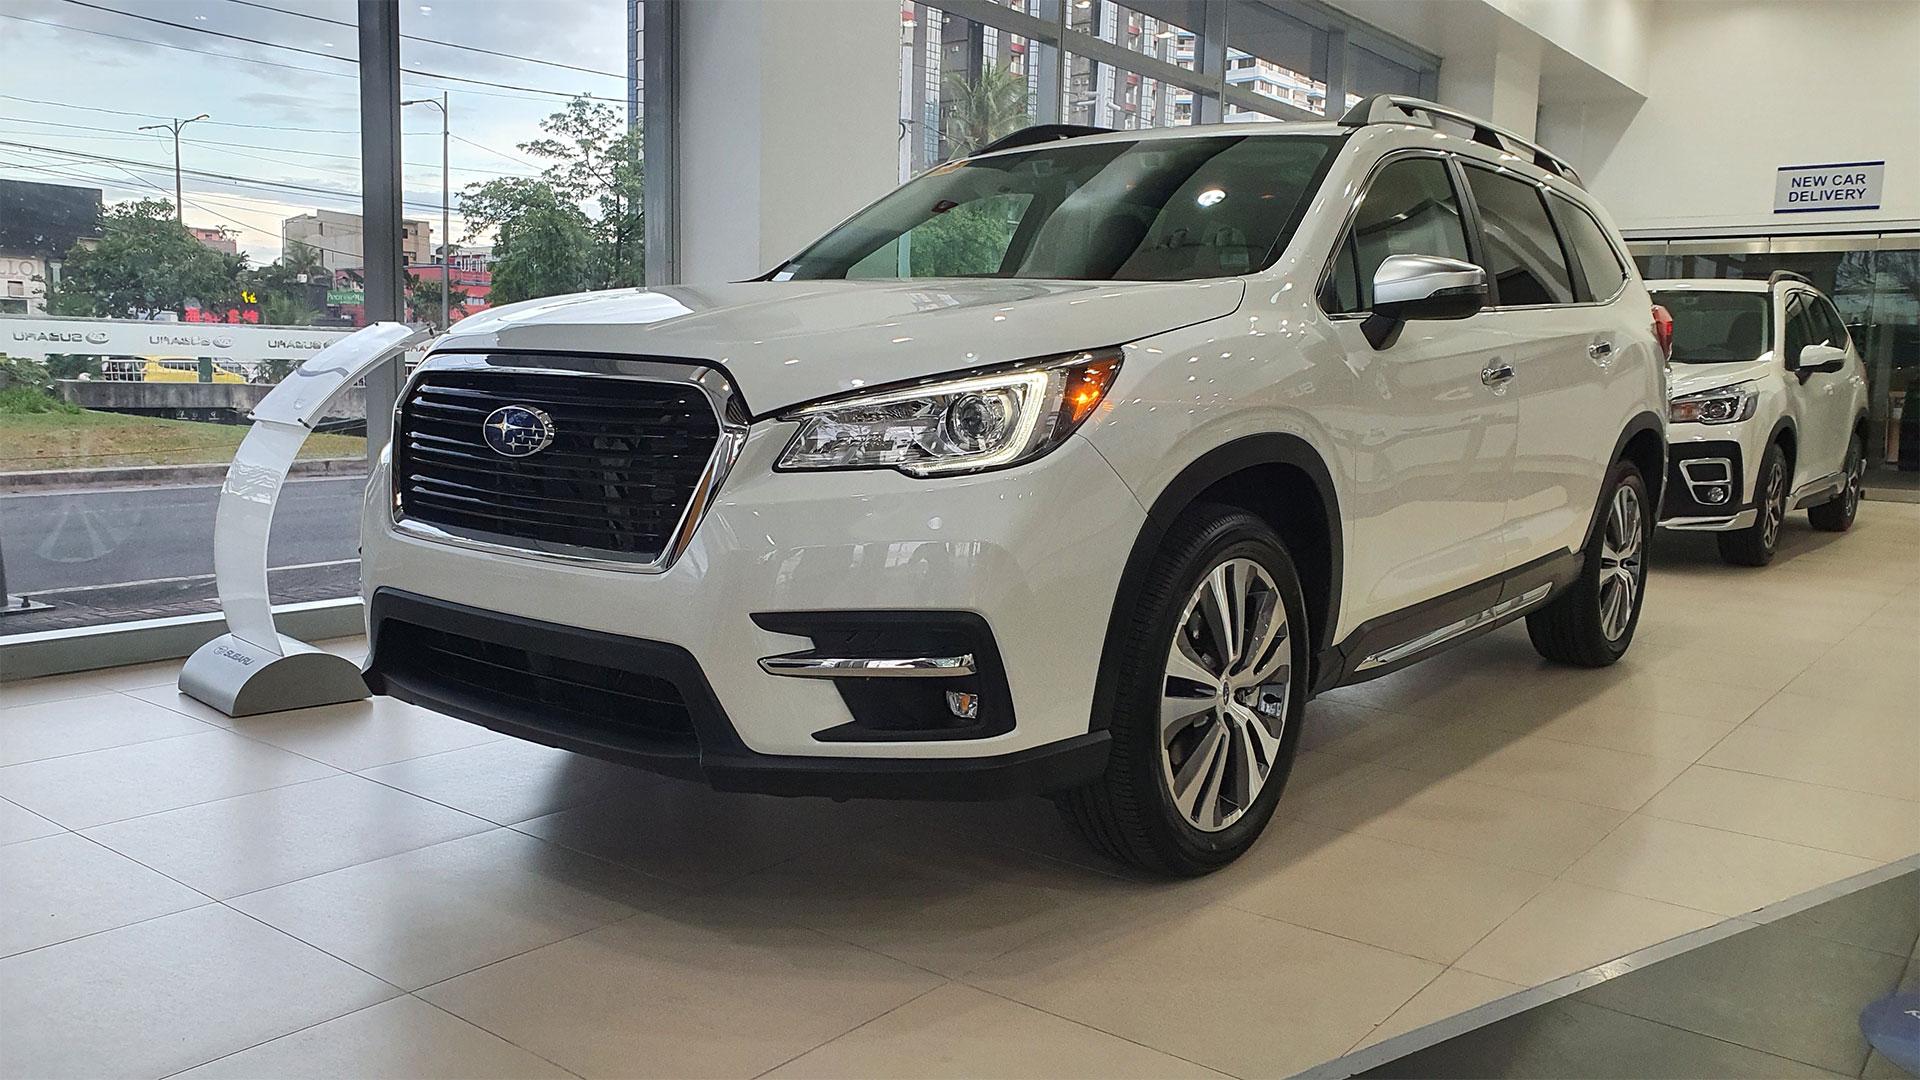 The Subaru Evoltis